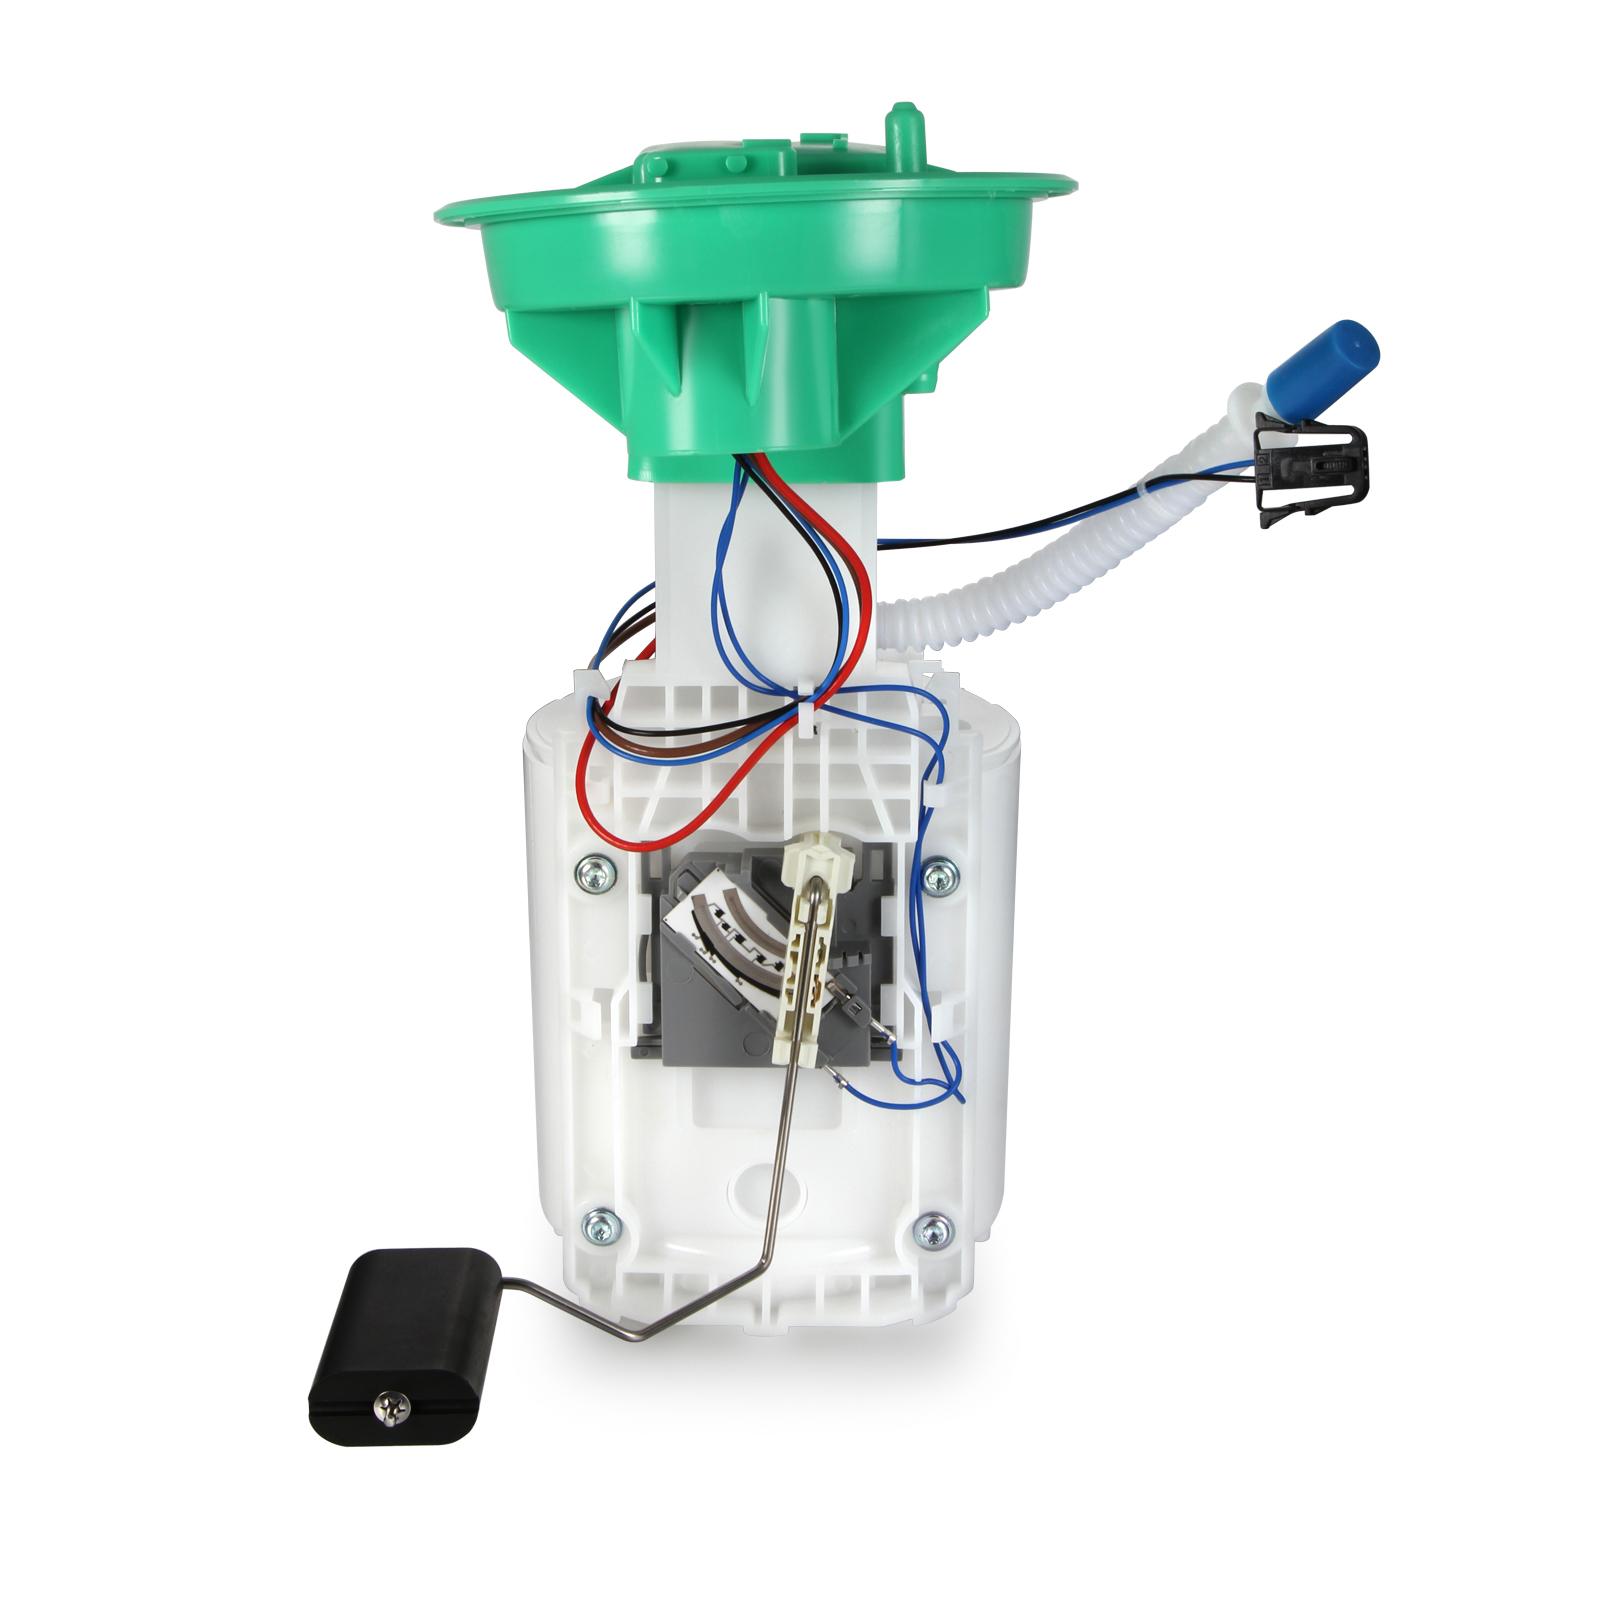 New Fuel Pump Assembly /& Level Sensor for 2002 2003 2004 Mini Cooper GAM985